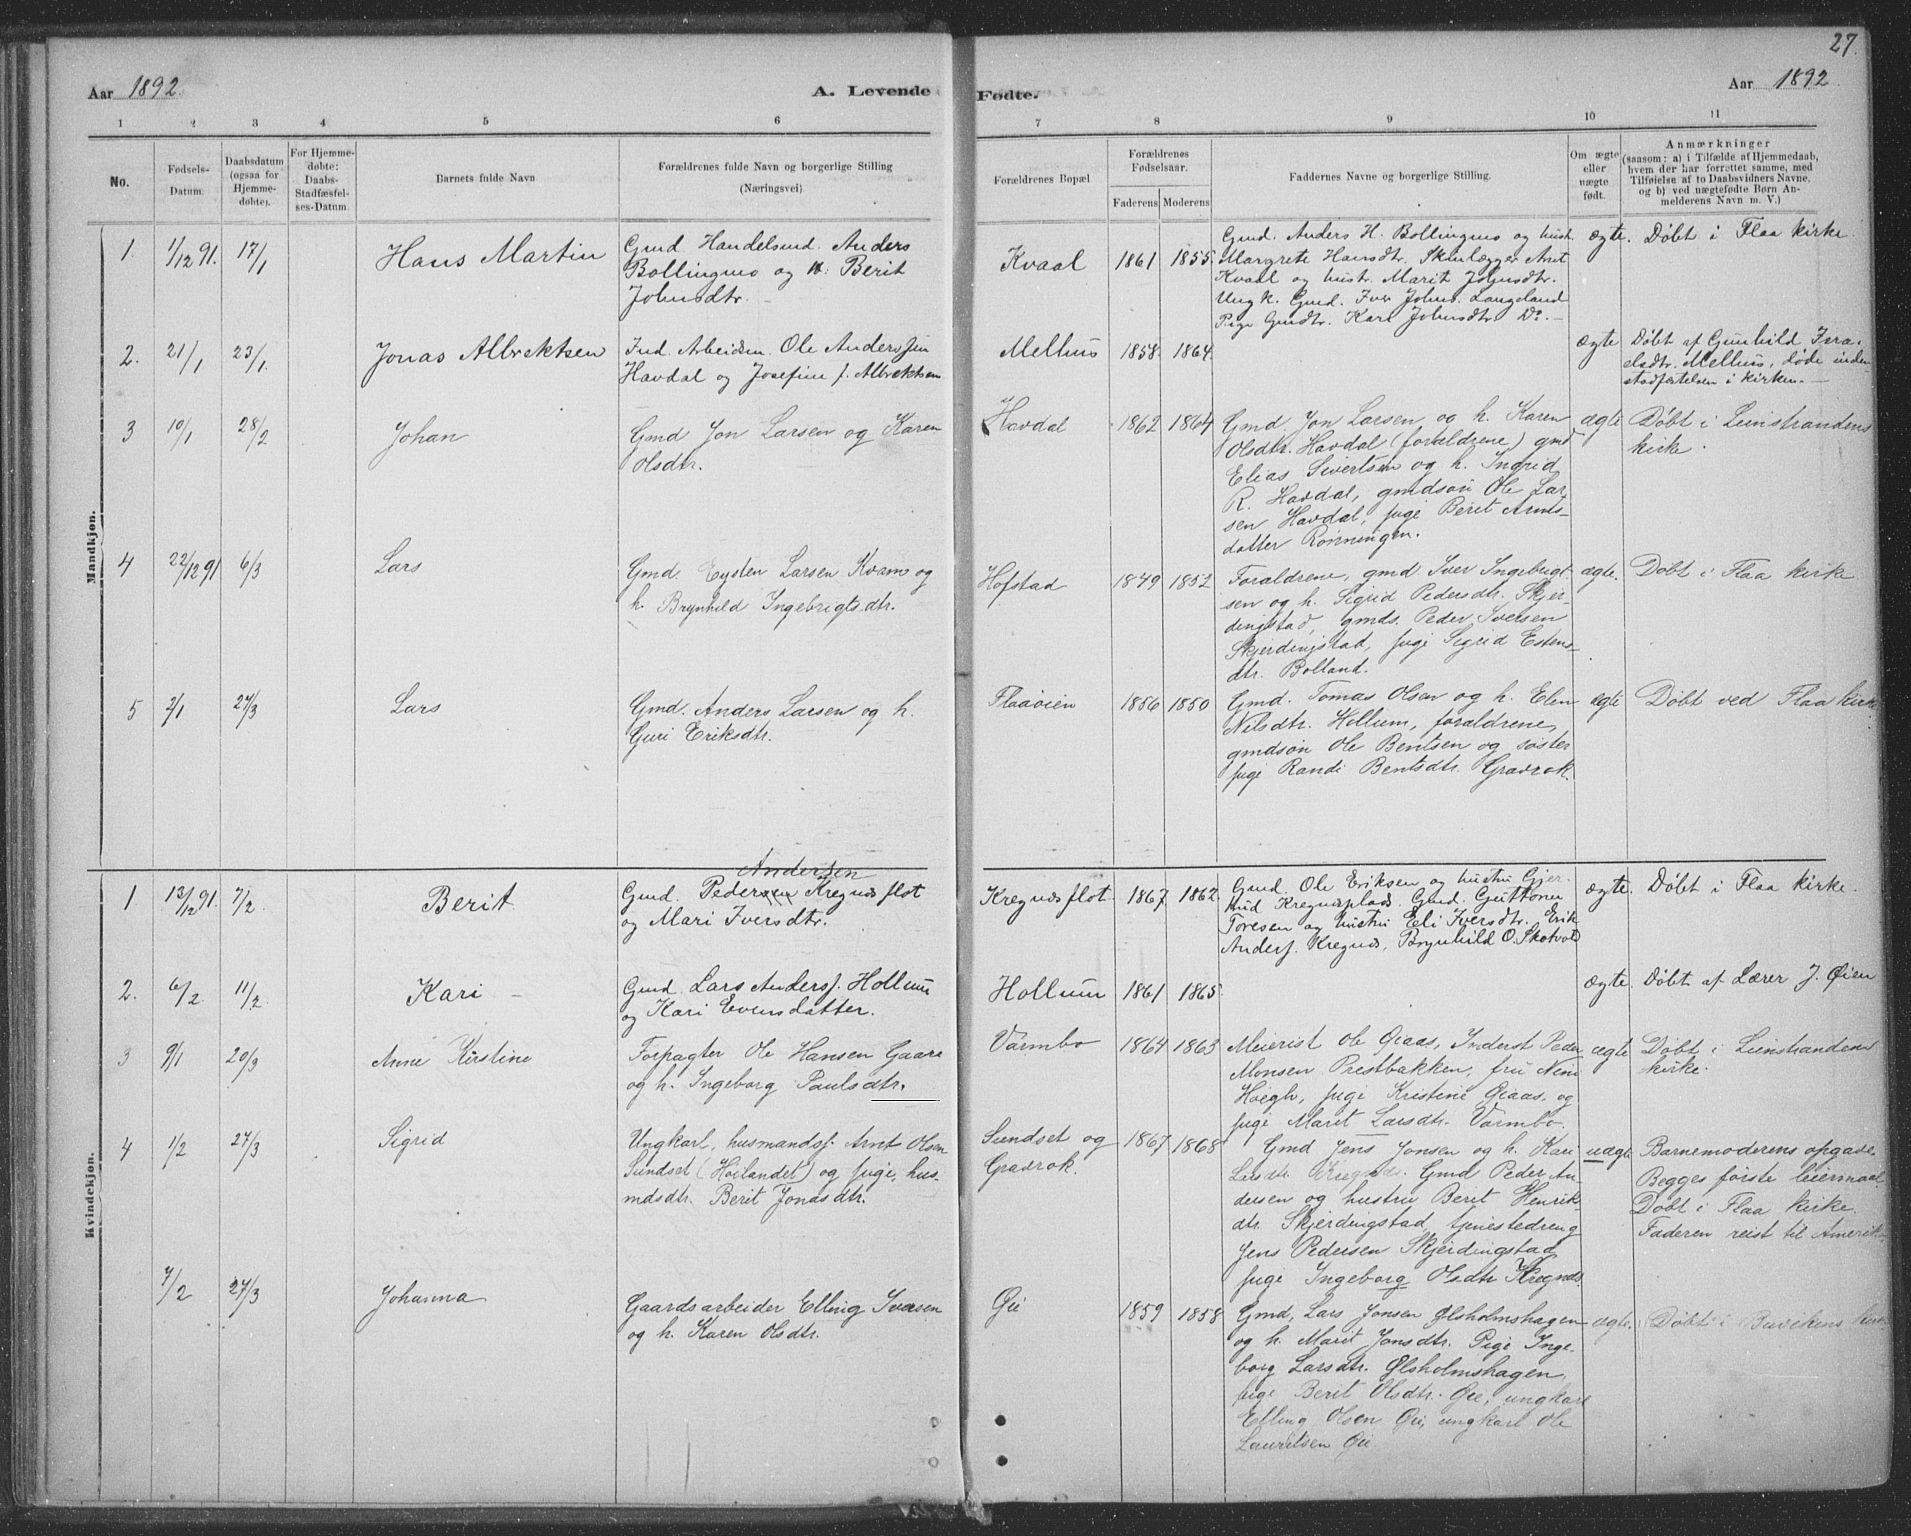 SAT, Ministerialprotokoller, klokkerbøker og fødselsregistre - Sør-Trøndelag, 691/L1085: Ministerialbok nr. 691A17, 1887-1908, s. 27